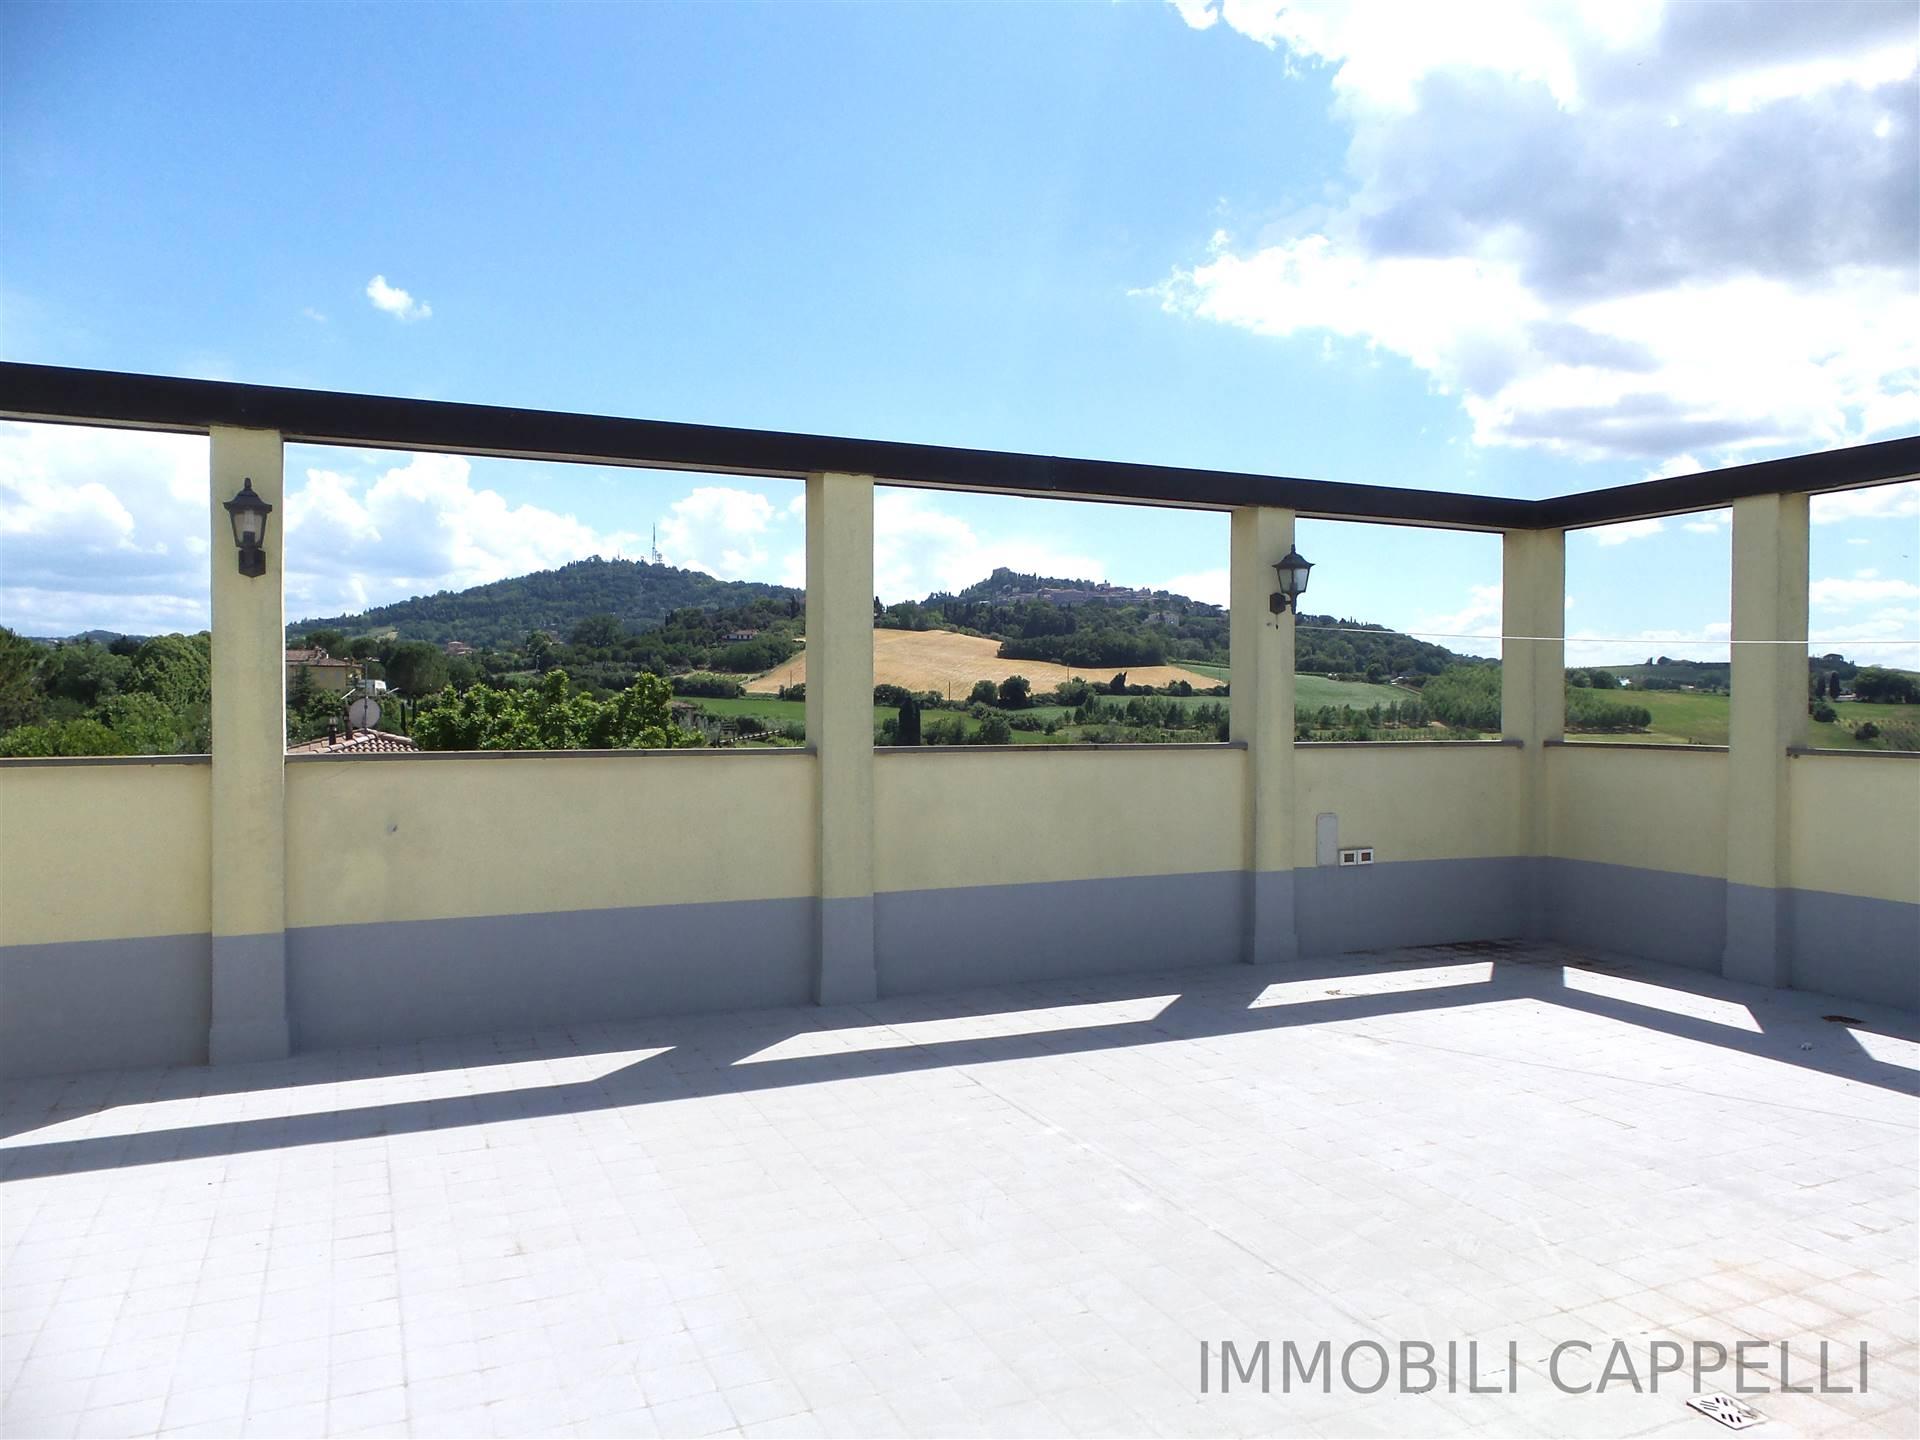 Albergo in vendita a Bertinoro, 12 locali, zona Zona: Panighina, prezzo € 690.000   CambioCasa.it